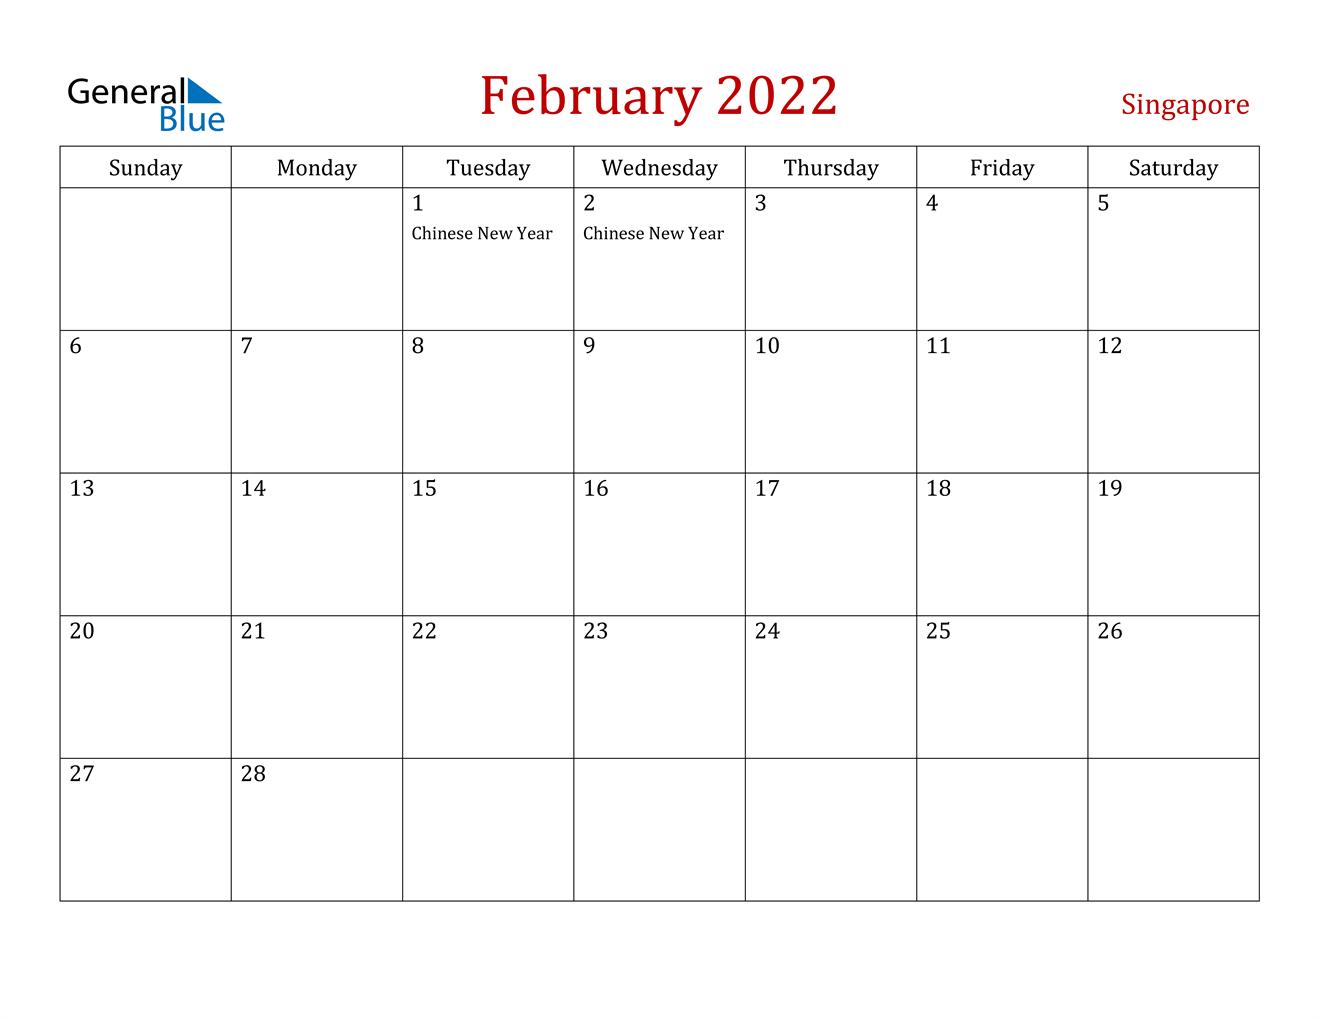 Singapore February 2022 Calendar With Holidays regarding Free Printable Feb 2022 Calendar Templates